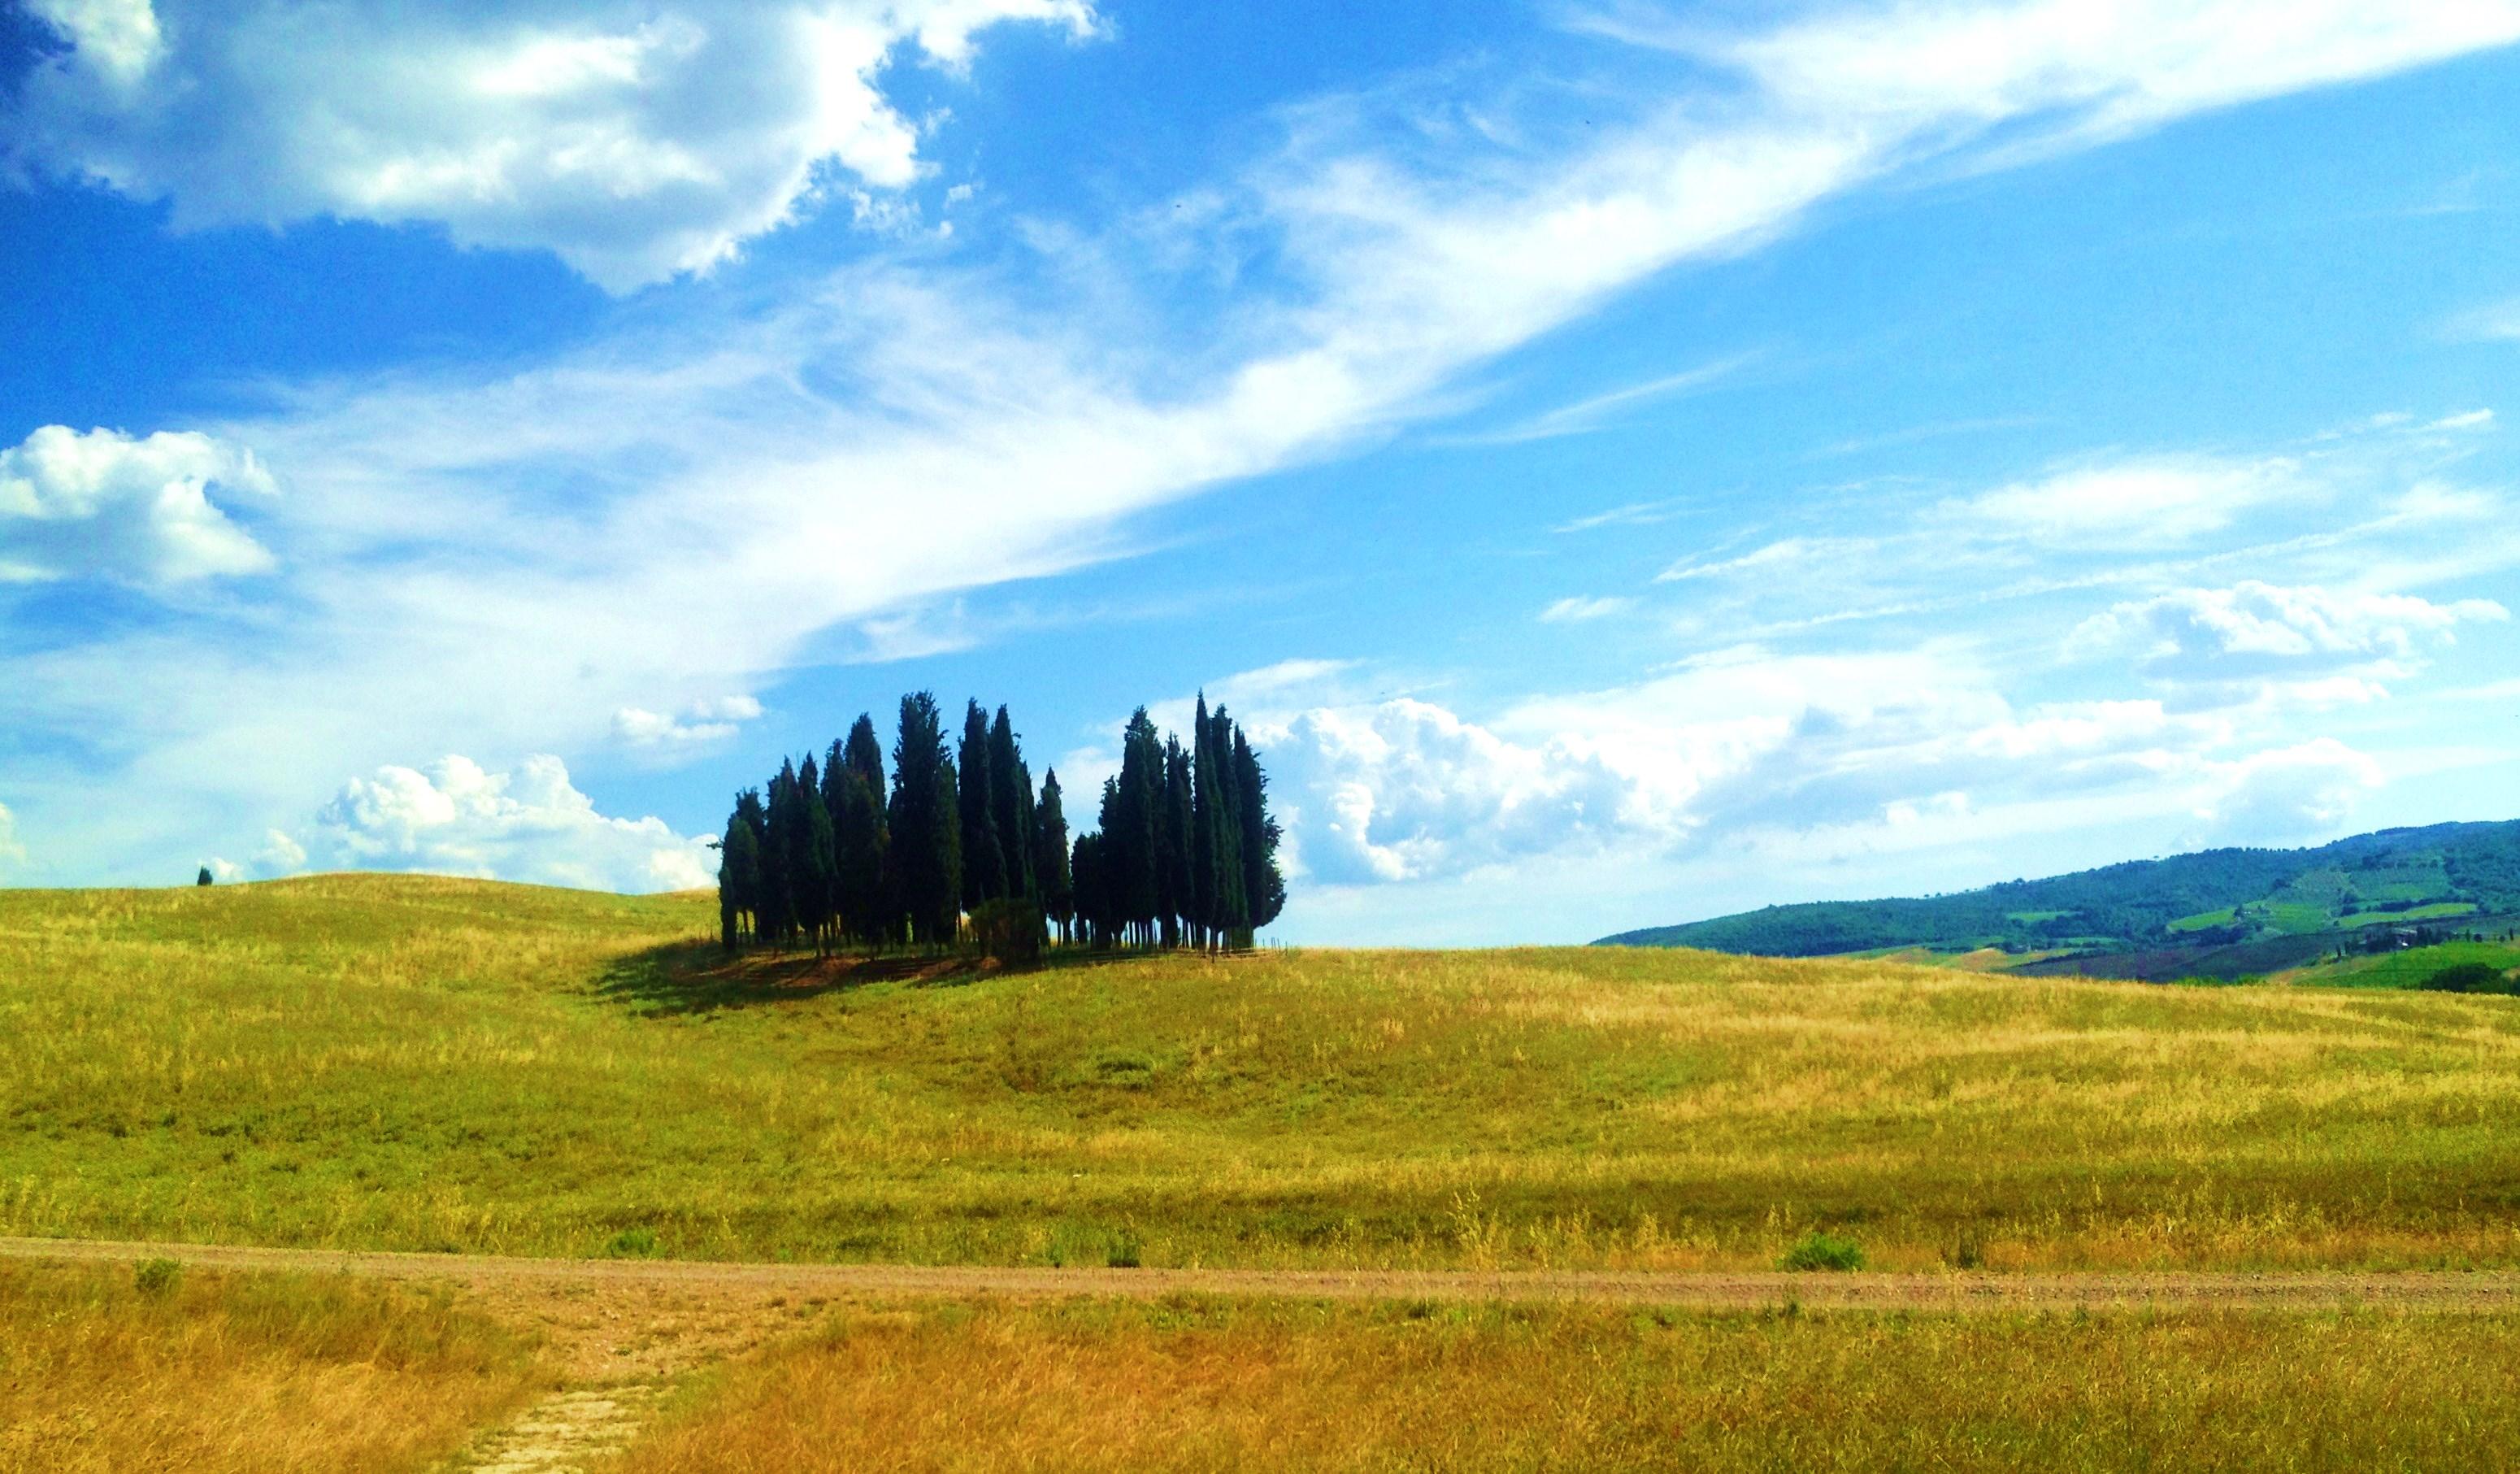 Paesaggi Estivi Toscani Di Annabus58 Partecipa Al Concorso Solstizio